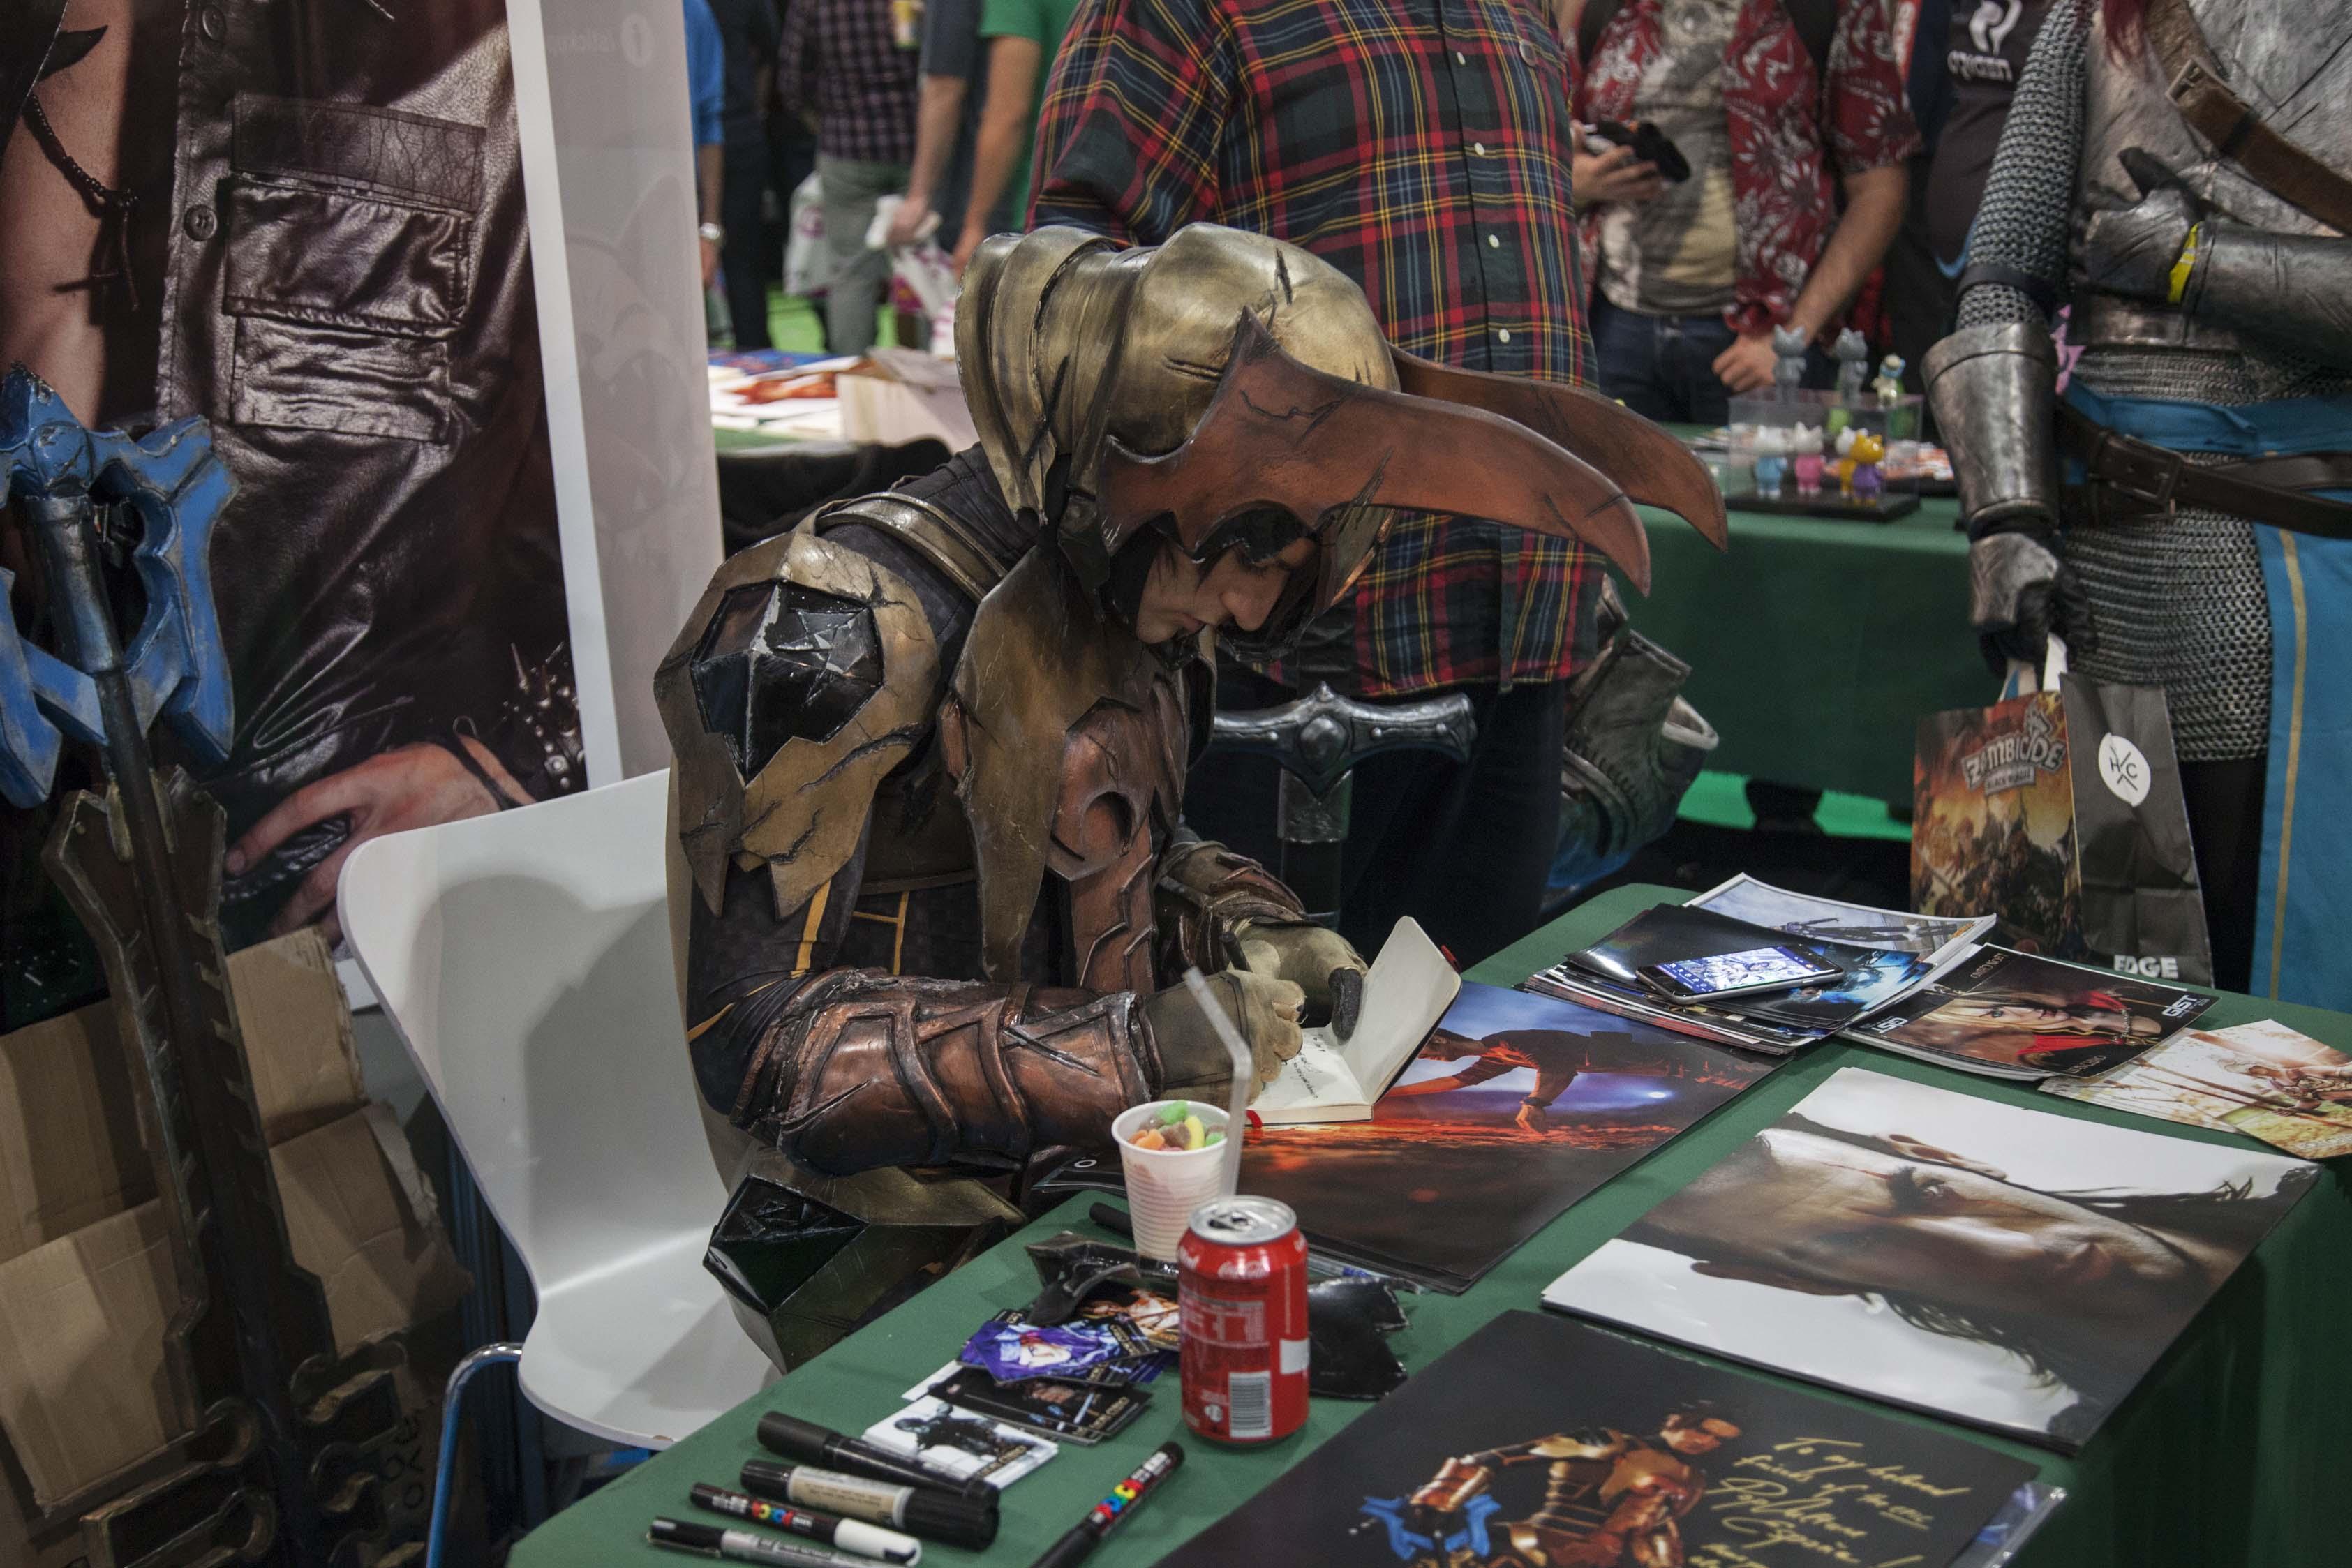 Leon Chiro es uno de los cosplayers profesionales más relevantes del momento. Y fue uno de los atractivos del MGE.